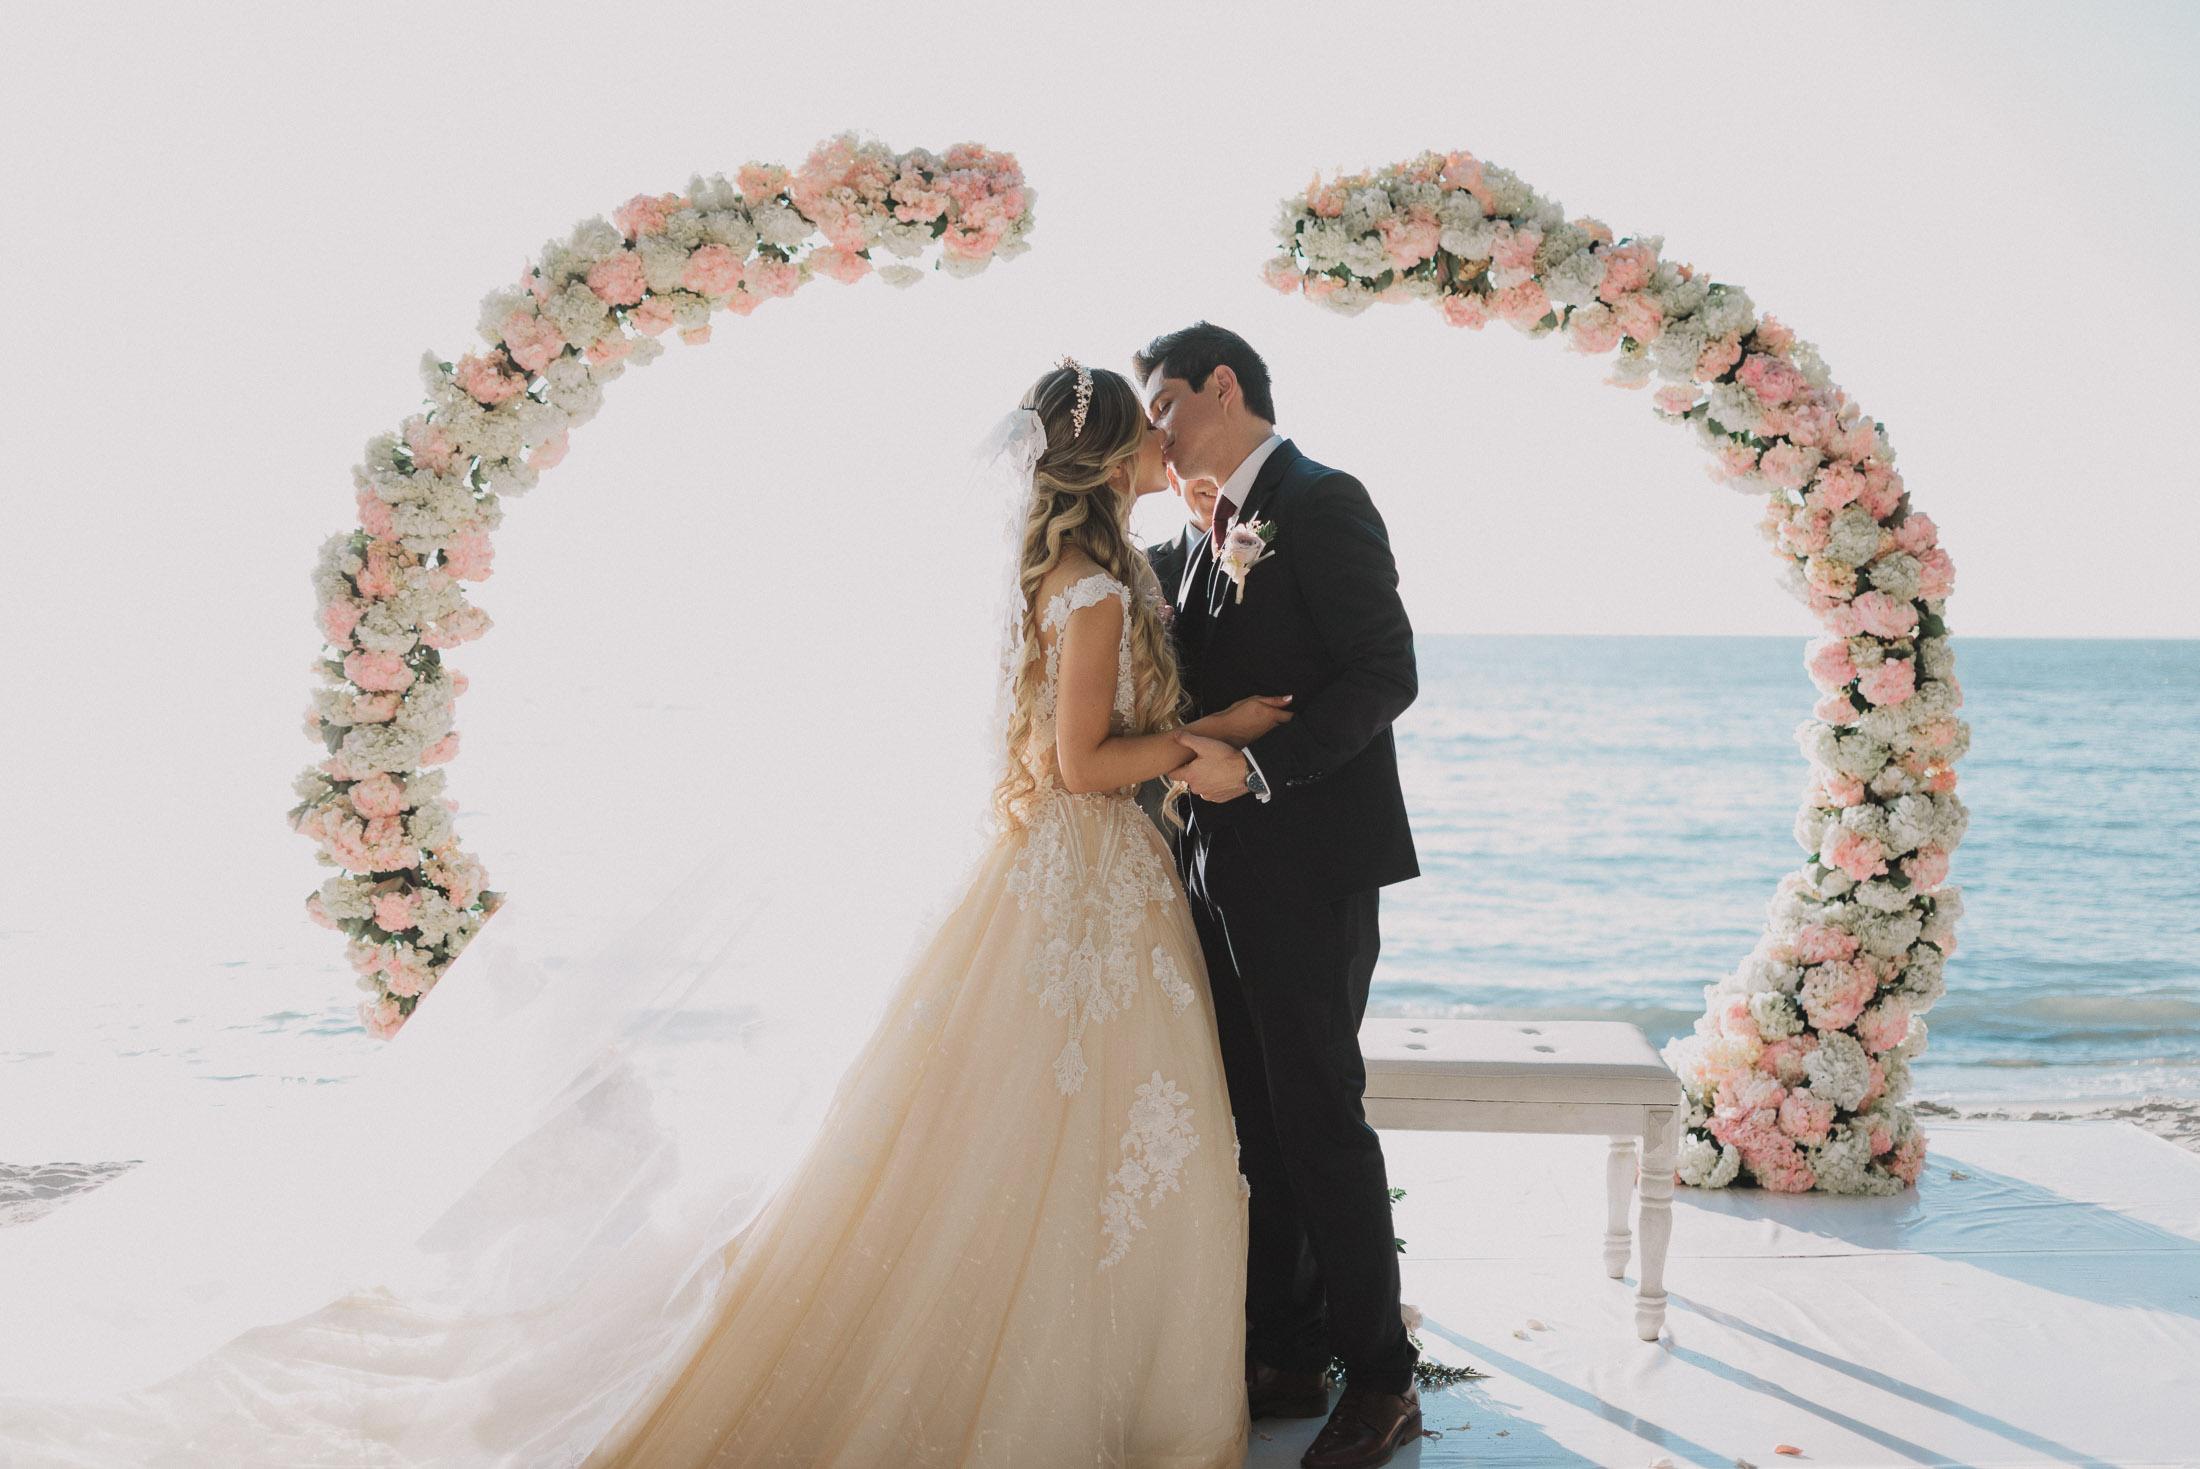 Fotografos de bodas en medellin